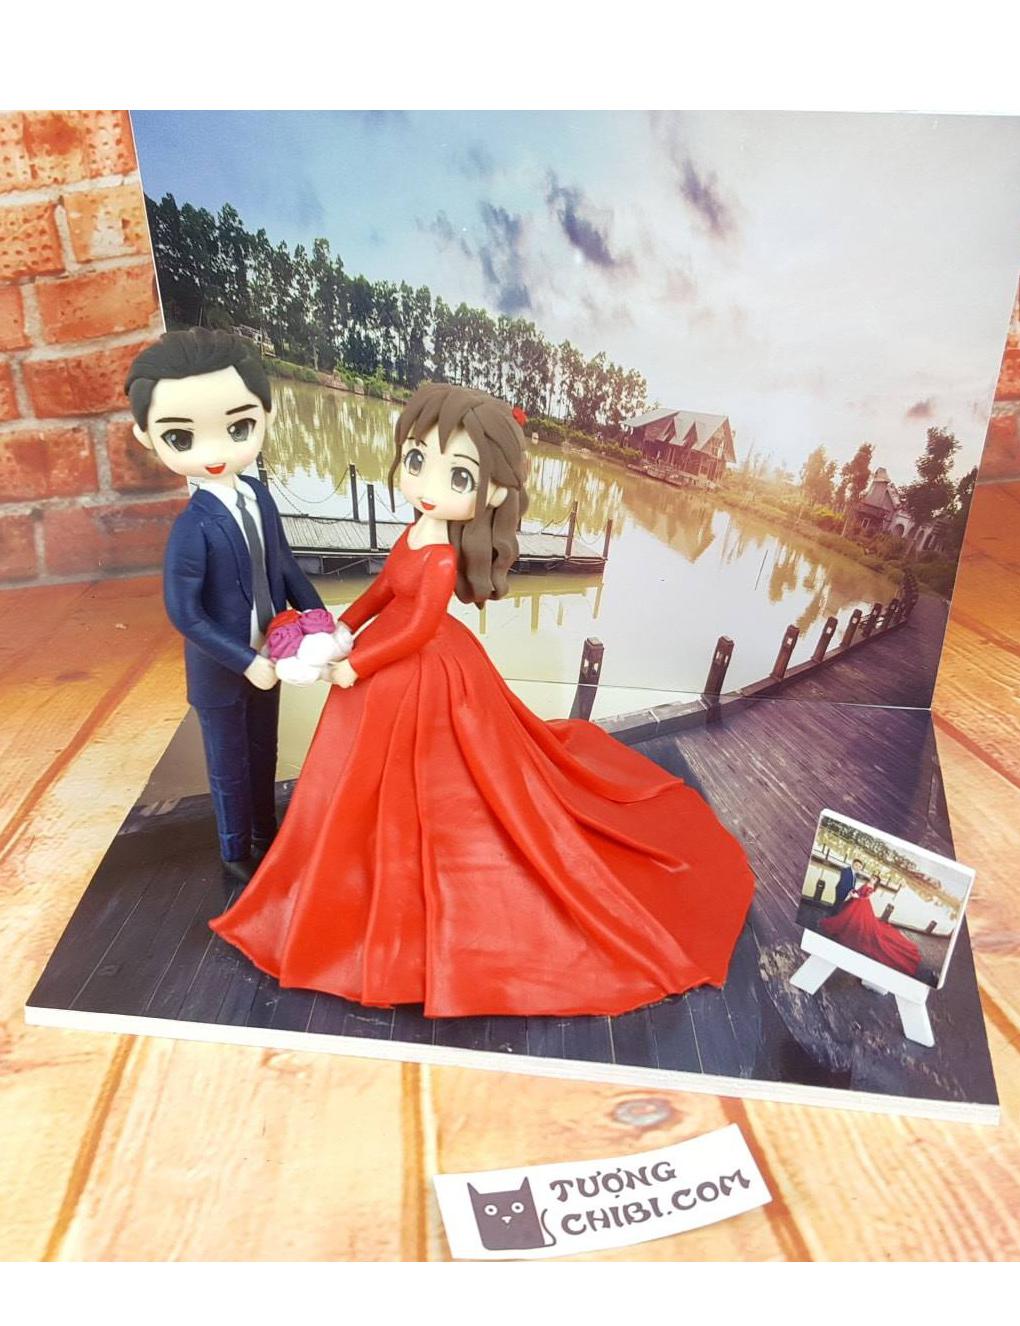 Quà lưu niệm đám cưới【Mua đi chờ chi】 【Giá Ưu đãi】 【Nhanh tay】